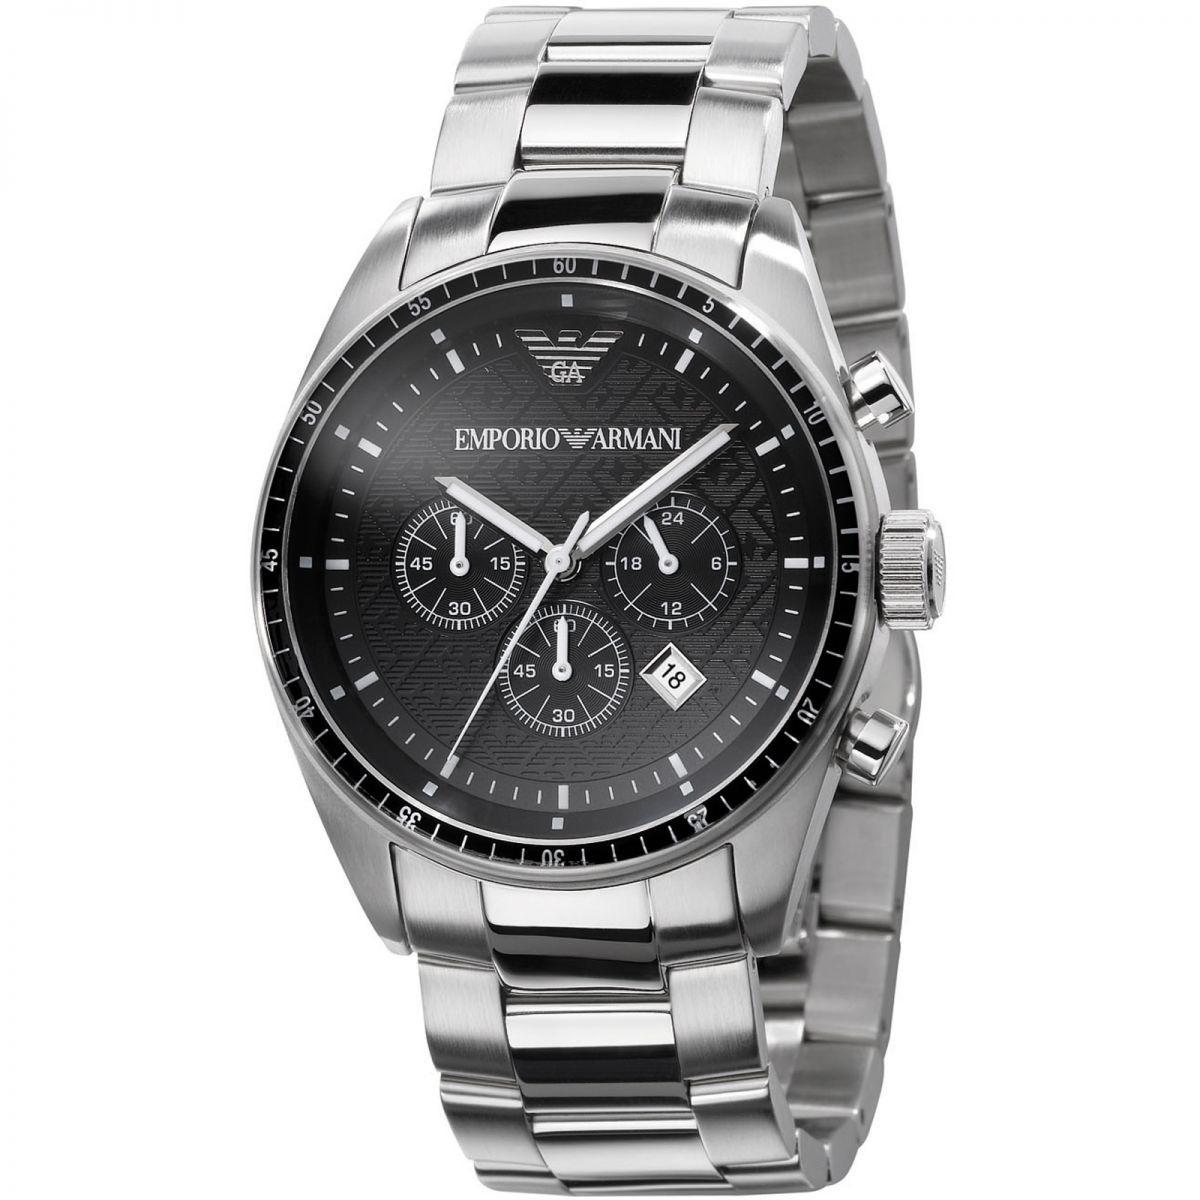 74bf61768a7 relógio masculino emporio armani cronógrafo original ar0585. Carregando  zoom.